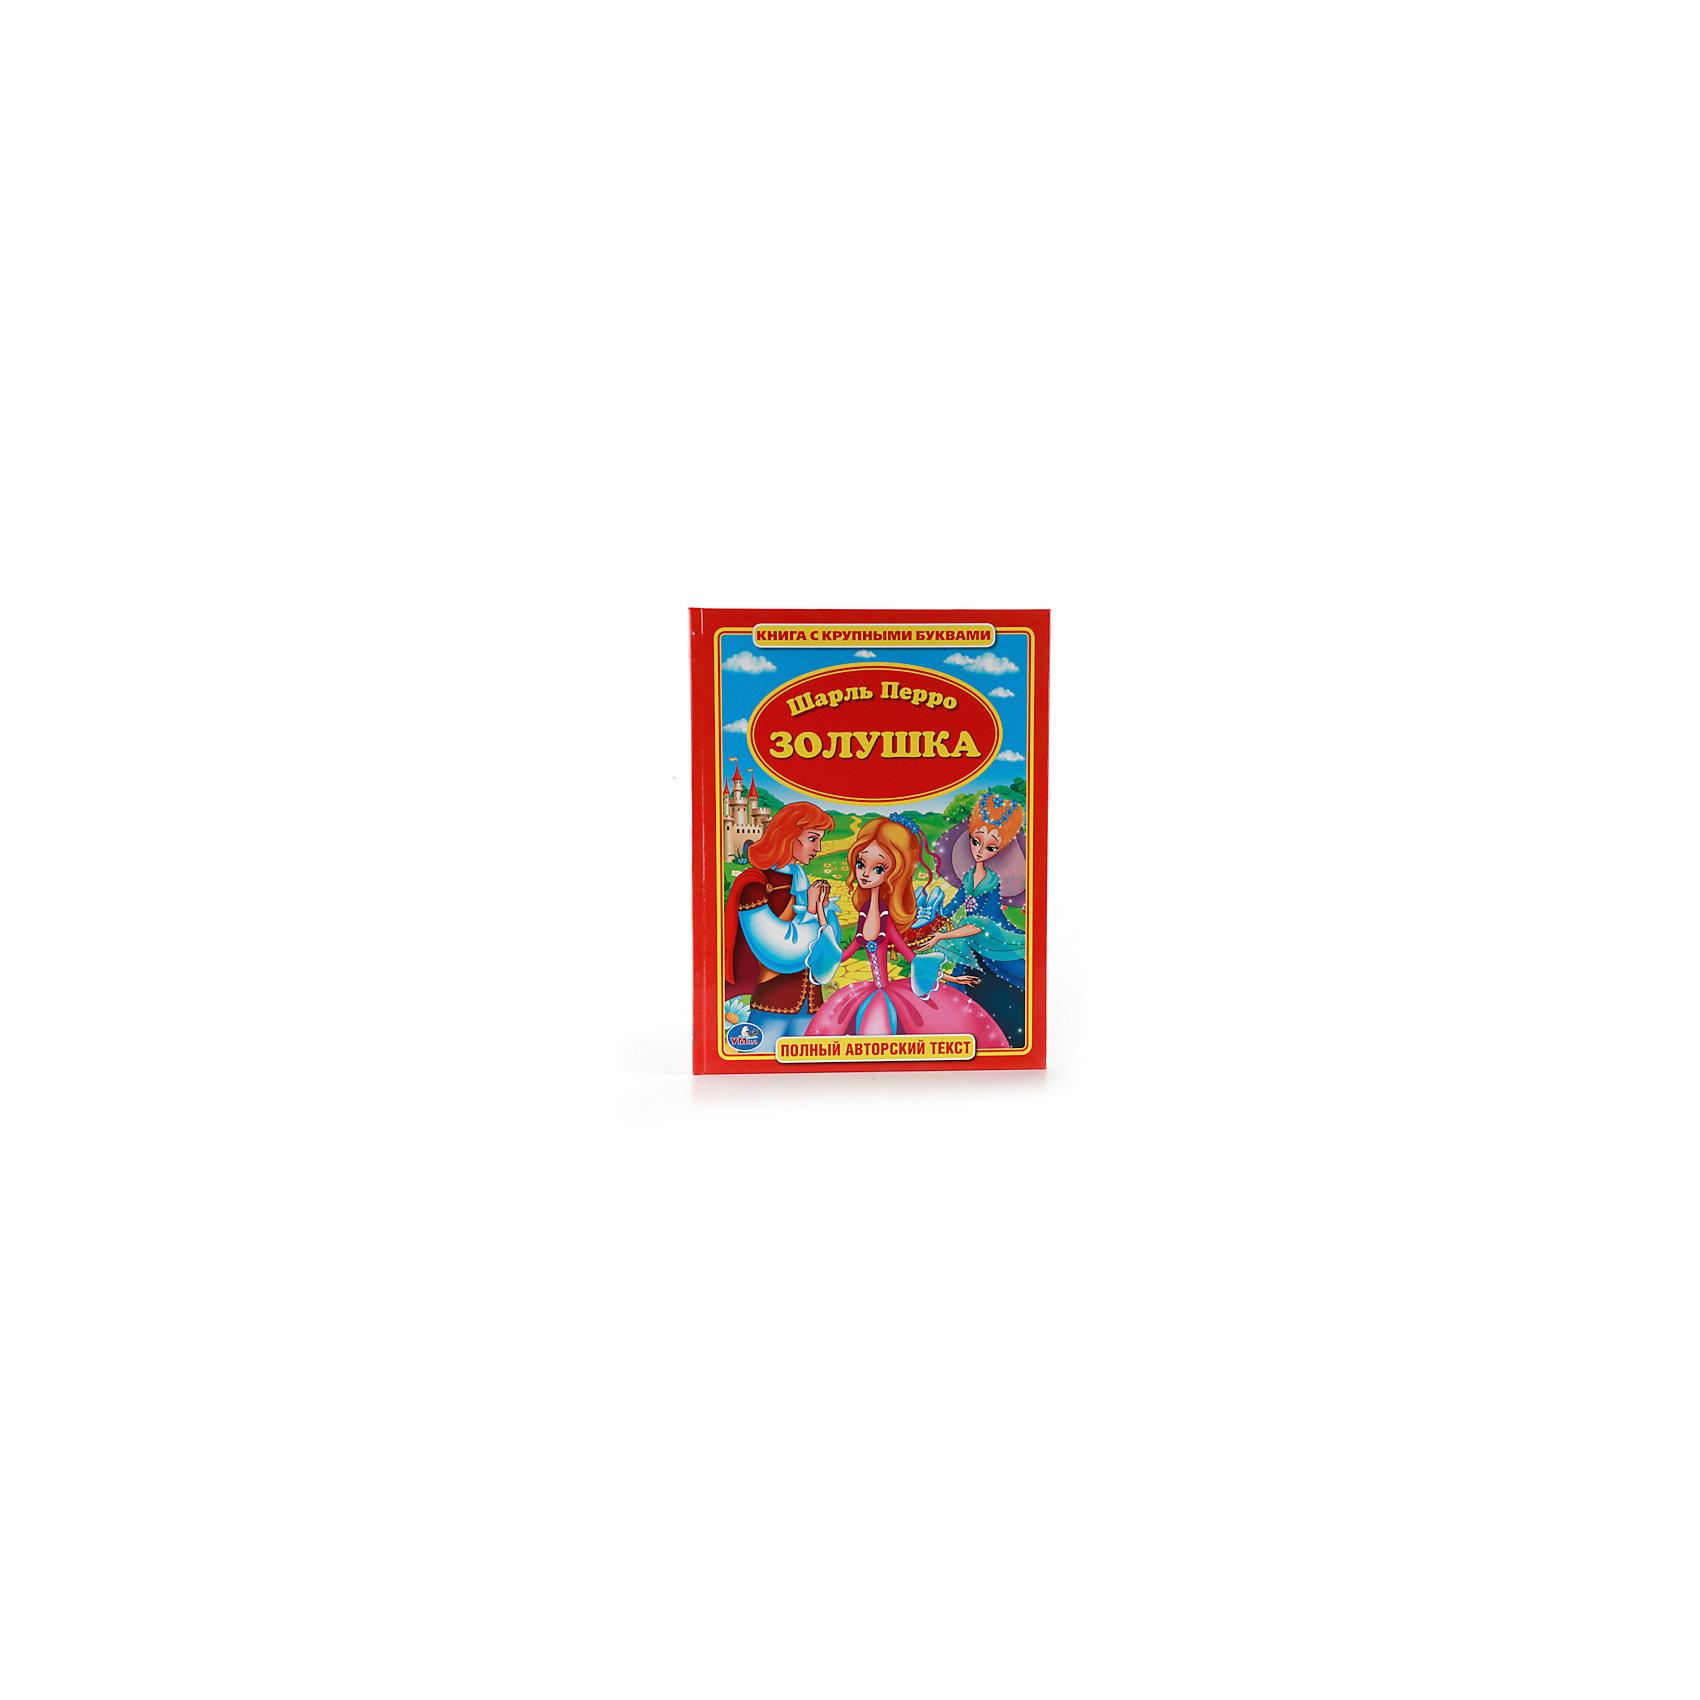 Книга с крупными буквами Золушка, Шарль ПерроХарактеристики товара:<br><br>• размер: 27x20 см<br>• материал: картон<br>• страниц: 32<br>• возраст: 0+<br>• обложка: твердая<br>• цветные иллюстрации<br>• страна бренда: РФ<br>• страна изготовитель: РФ<br><br>Сказки и стихи не только развлекают малышей, они помогают учиться и познавать мир! Такая книжка станет отличным подарком ребенку и родителям - ведь с помощью неё можно учиться добру и рассматривать картинки. Формат - очень удобный, качество печати - отличное! Книжка дополнена яркими картинками. Книжки с крупными буквами созданы специально для малышей - так им легче научиться читать.<br>Чтение даже в юном возрасте помогает детям развивать важные навыки и способности, оно активизирует мышление, формирует усидчивость, логику и воображение. Изделие производится из качественных и проверенных материалов, которые безопасны для детей.<br><br>Книжку с крупными буквами Золушка, Шарль Перро от бренда Умка можно купить в нашем интернет-магазине.<br><br>Ширина мм: 10<br>Глубина мм: 270<br>Высота мм: 200<br>Вес г: 230<br>Возраст от месяцев: 36<br>Возраст до месяцев: 72<br>Пол: Унисекс<br>Возраст: Детский<br>SKU: 5196927